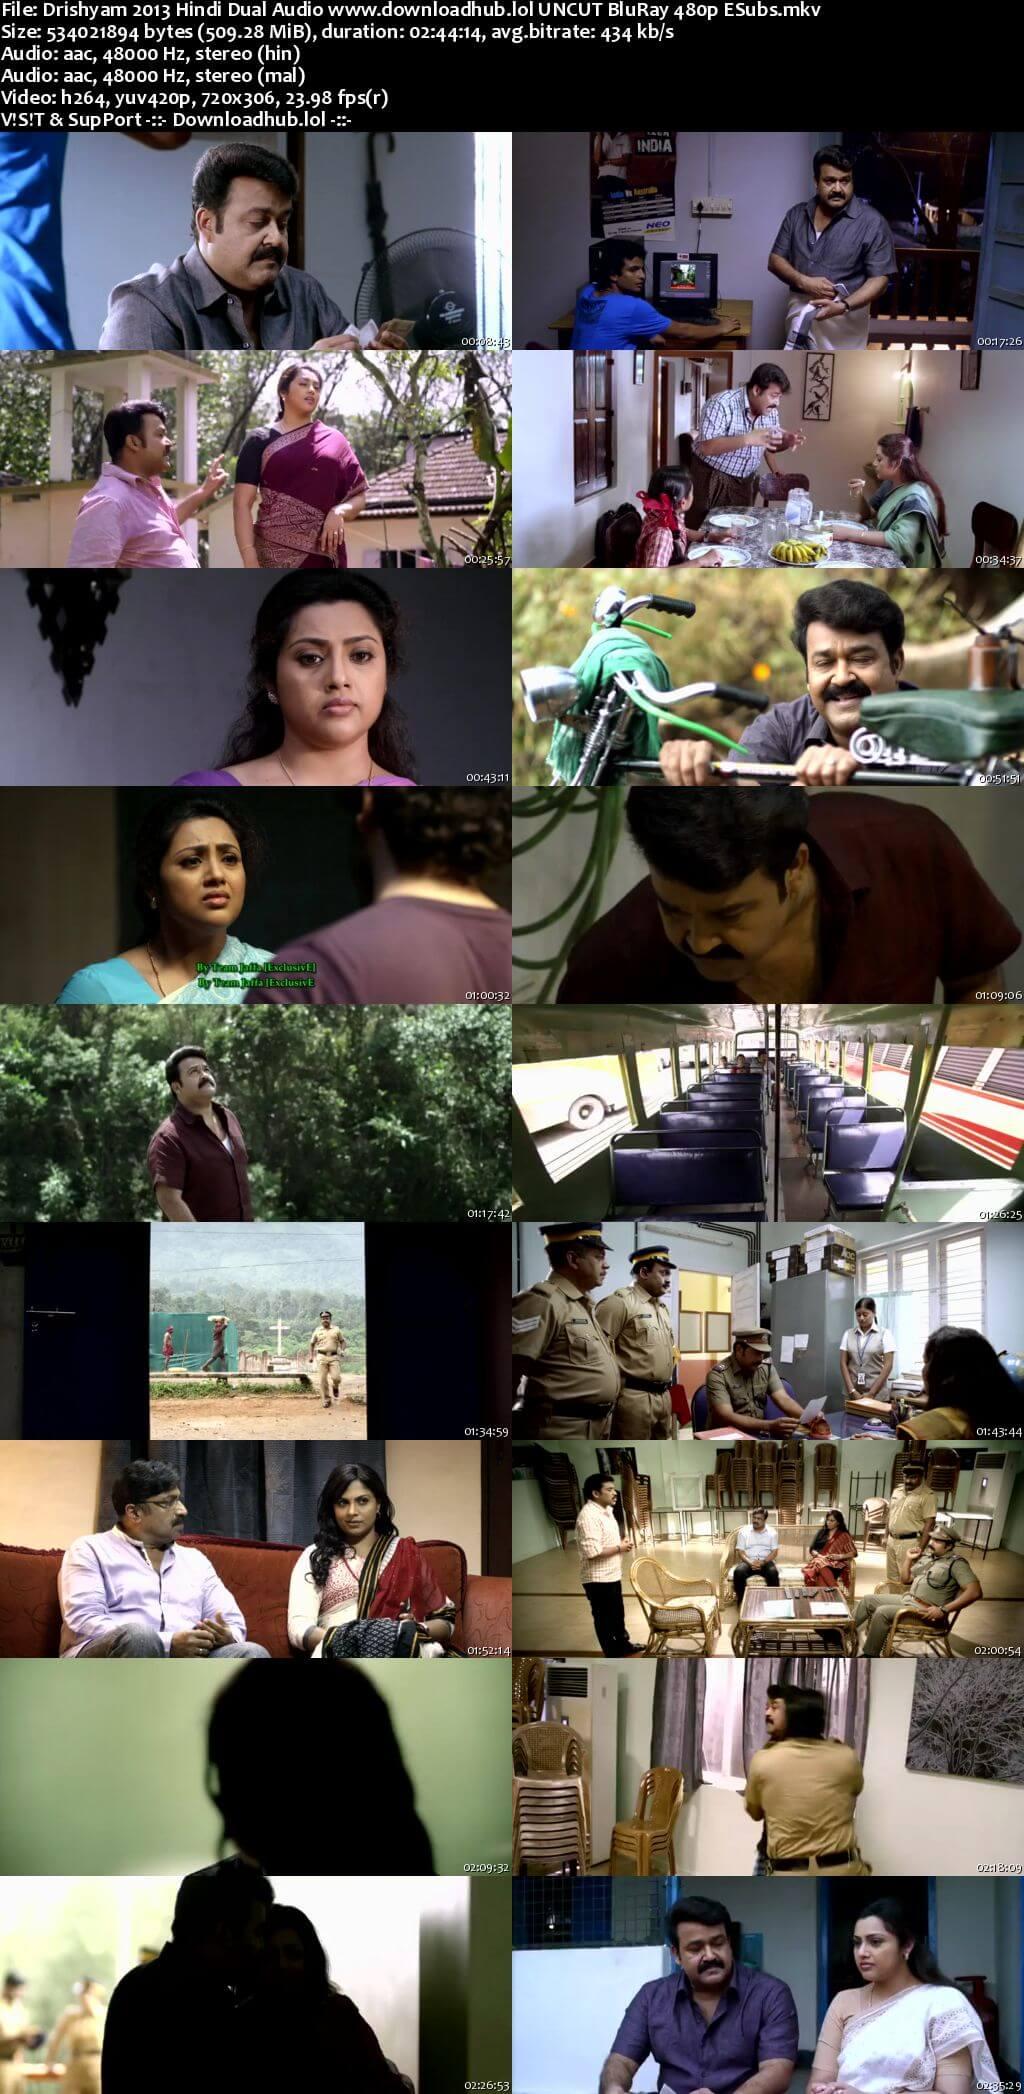 Drishyam 2013 Hindi Dual Audio 500MB UNCUT BluRay 480p ESubs